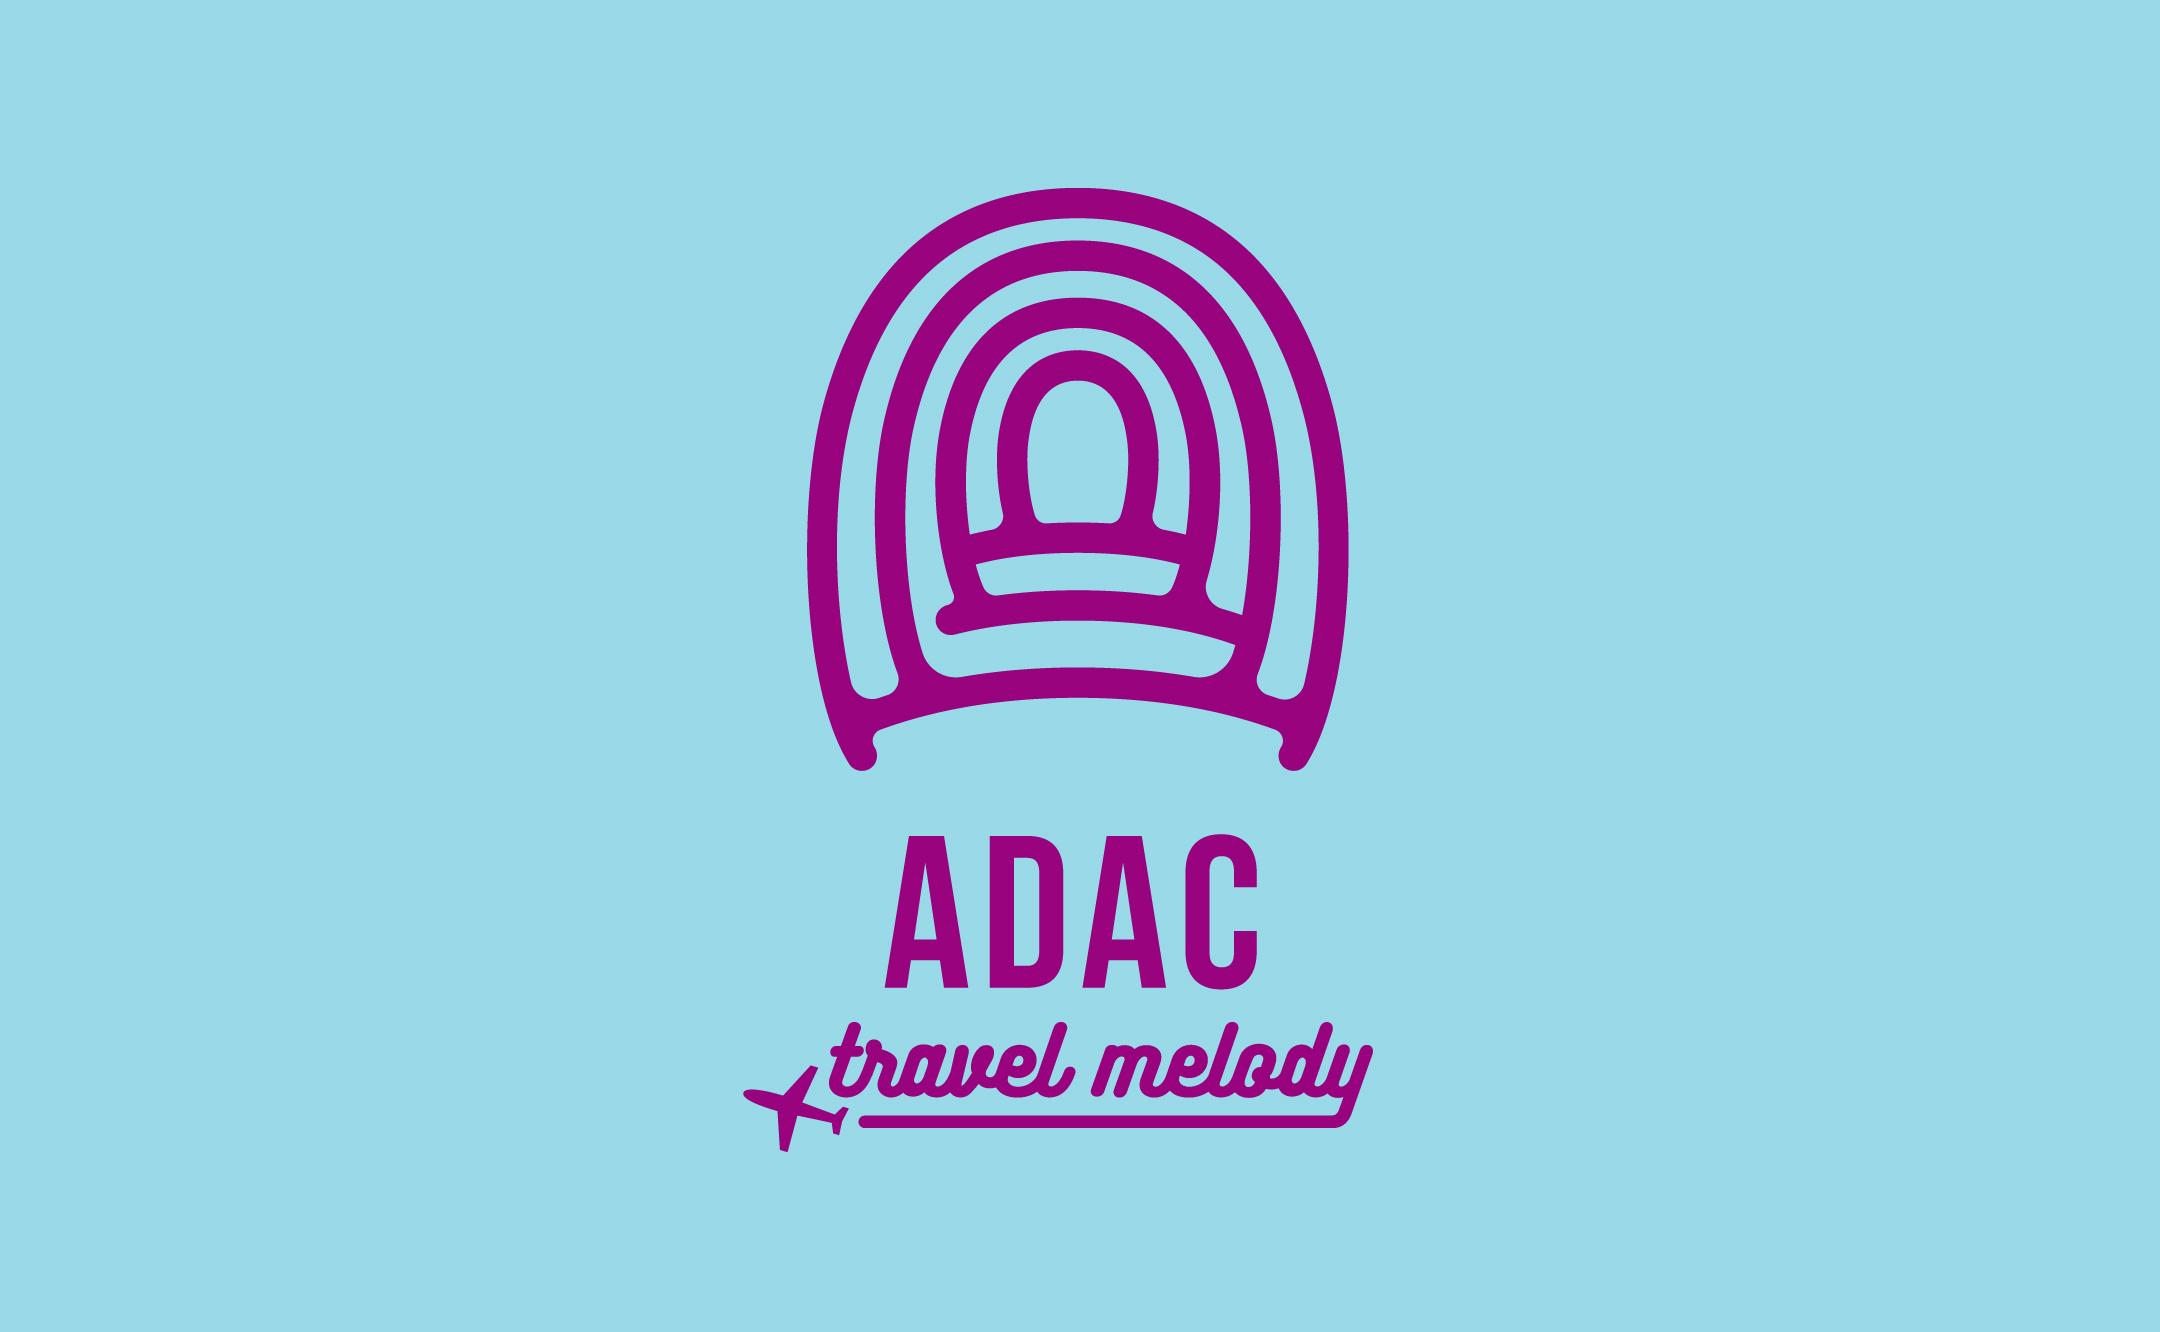 旅行・イベント企画 ADAC travel melody デザイン制作